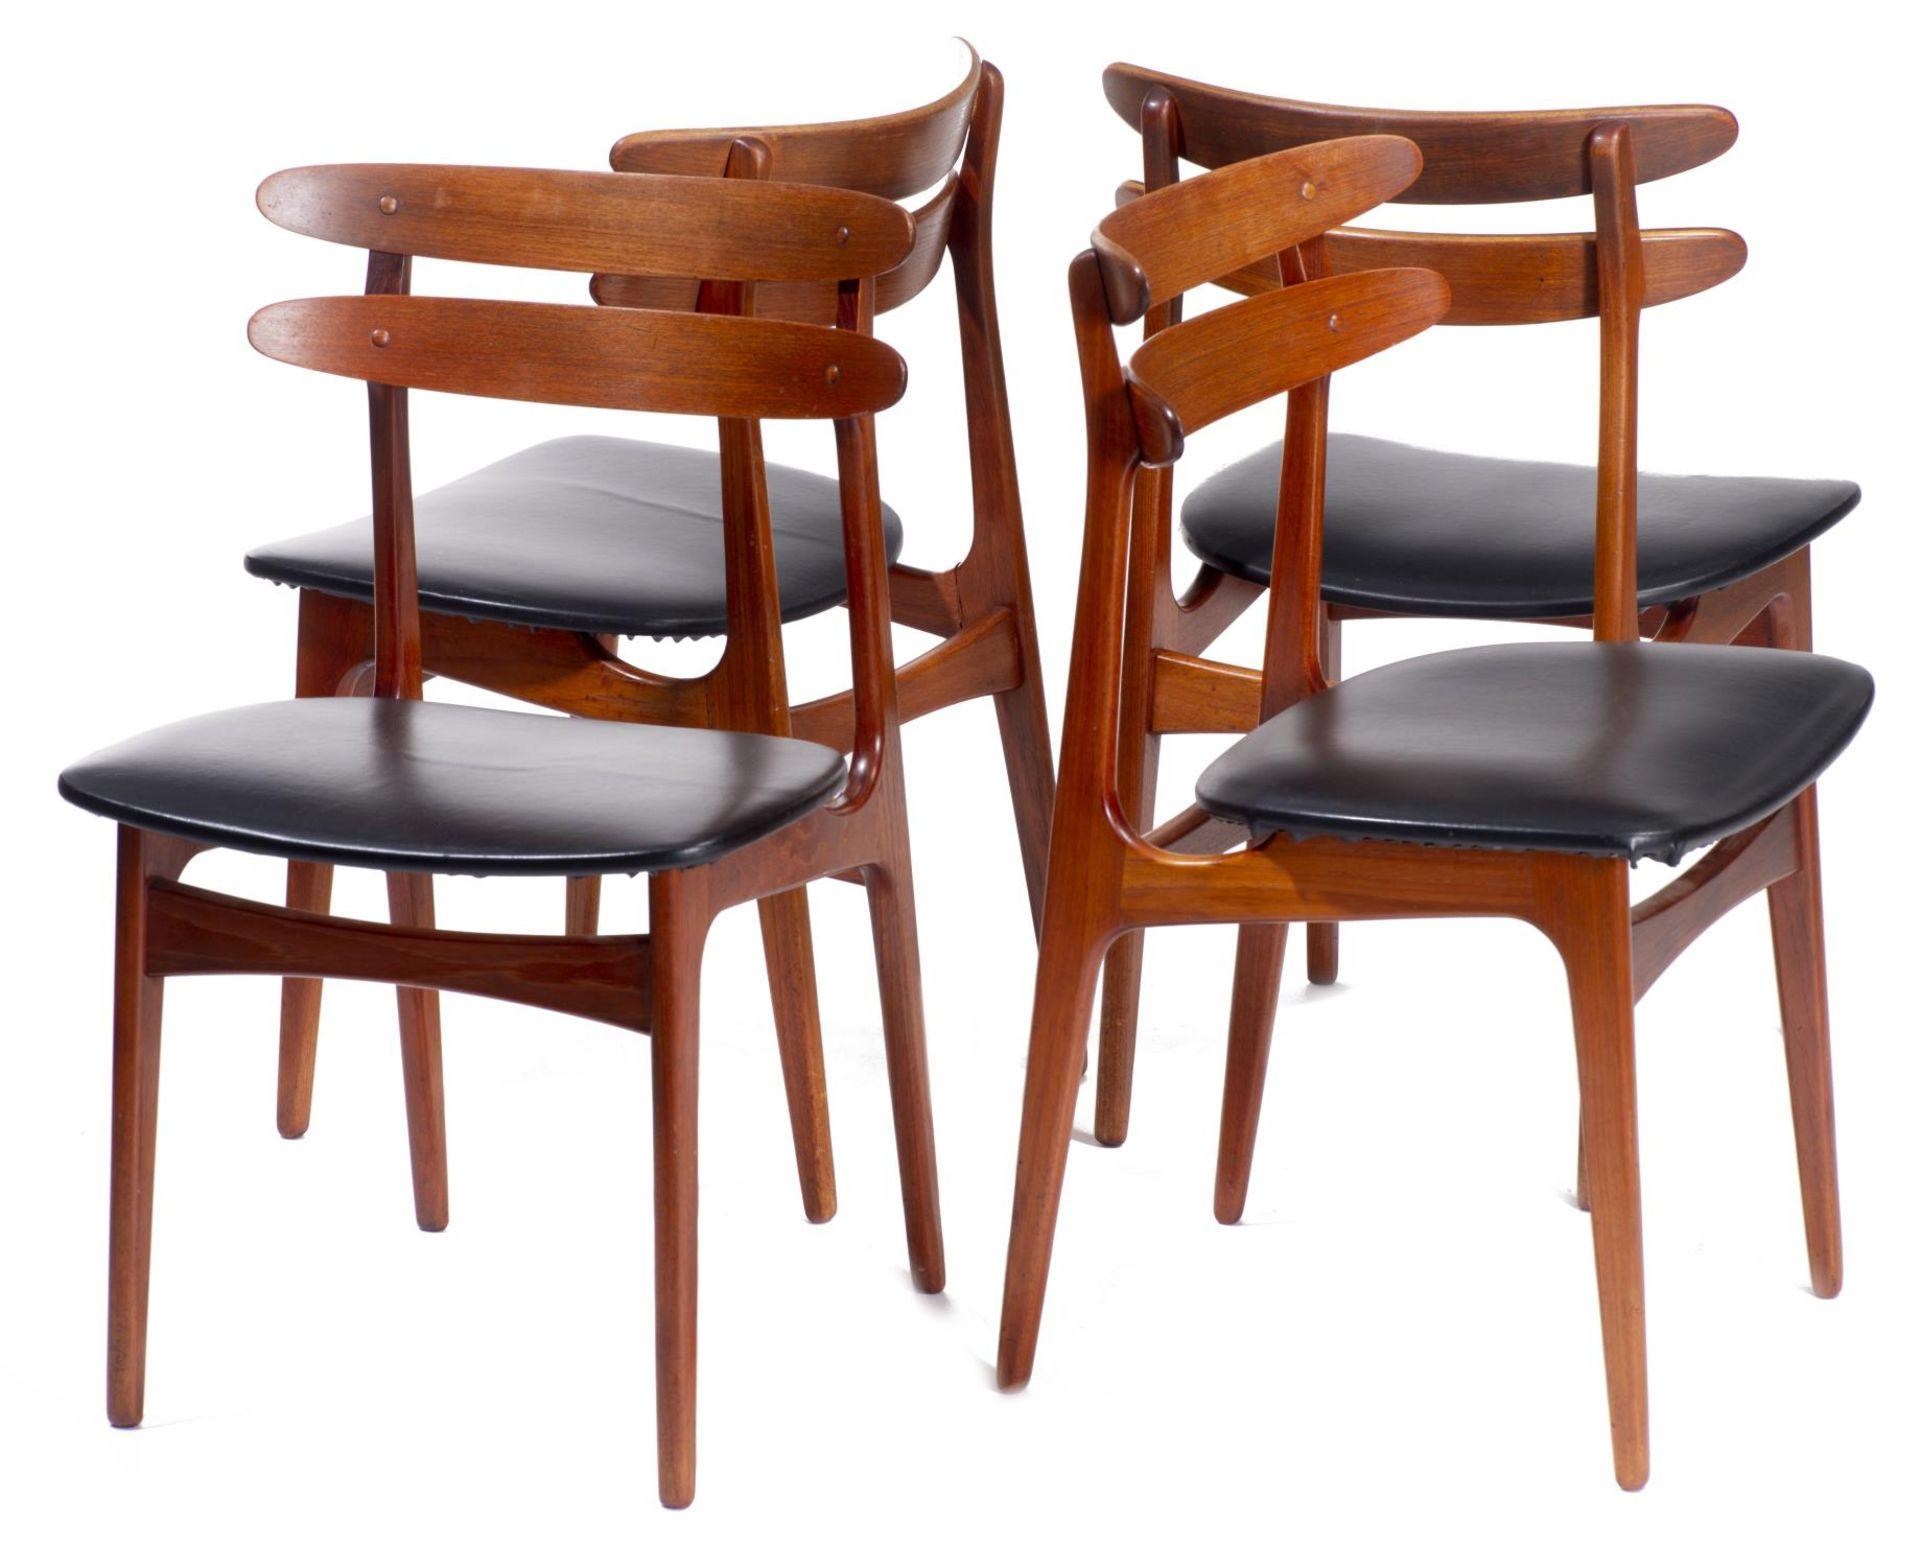 Quatre chaises en teck et deux fauteuils en chêne de style scandinave - Bild 5 aus 9